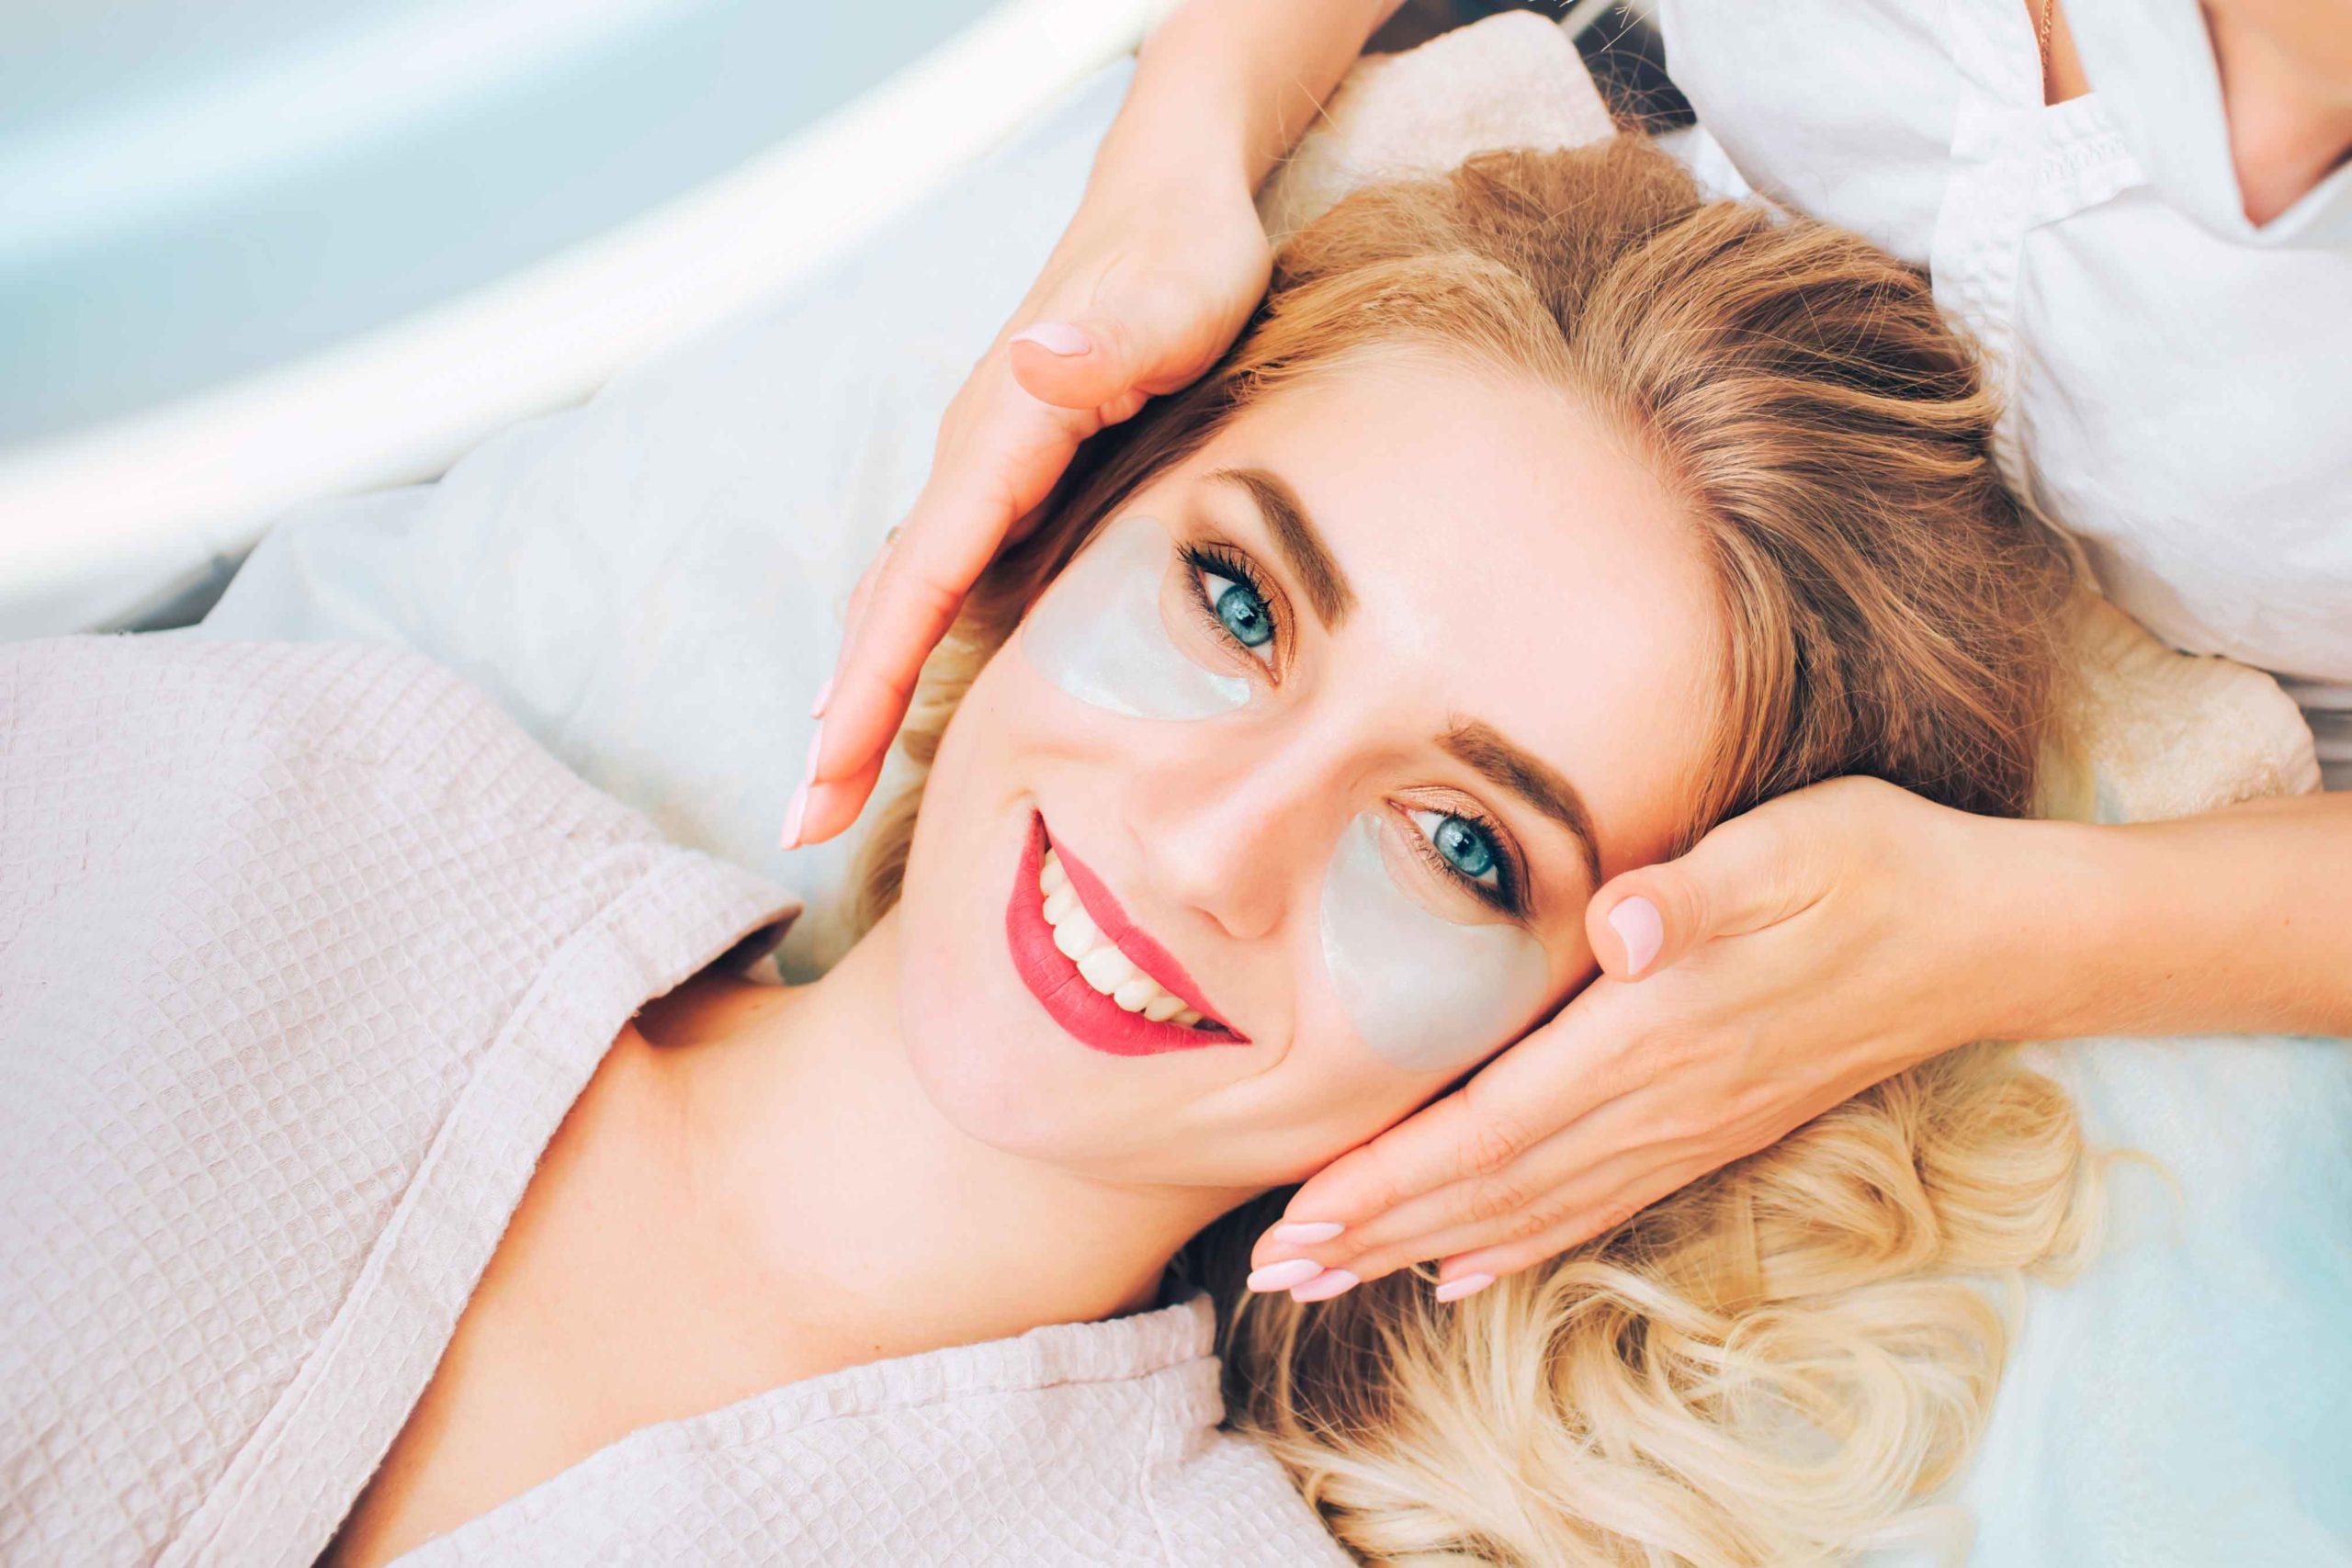 Самая эффективная косметика для ухода за проблемной кожей: ТОП средств